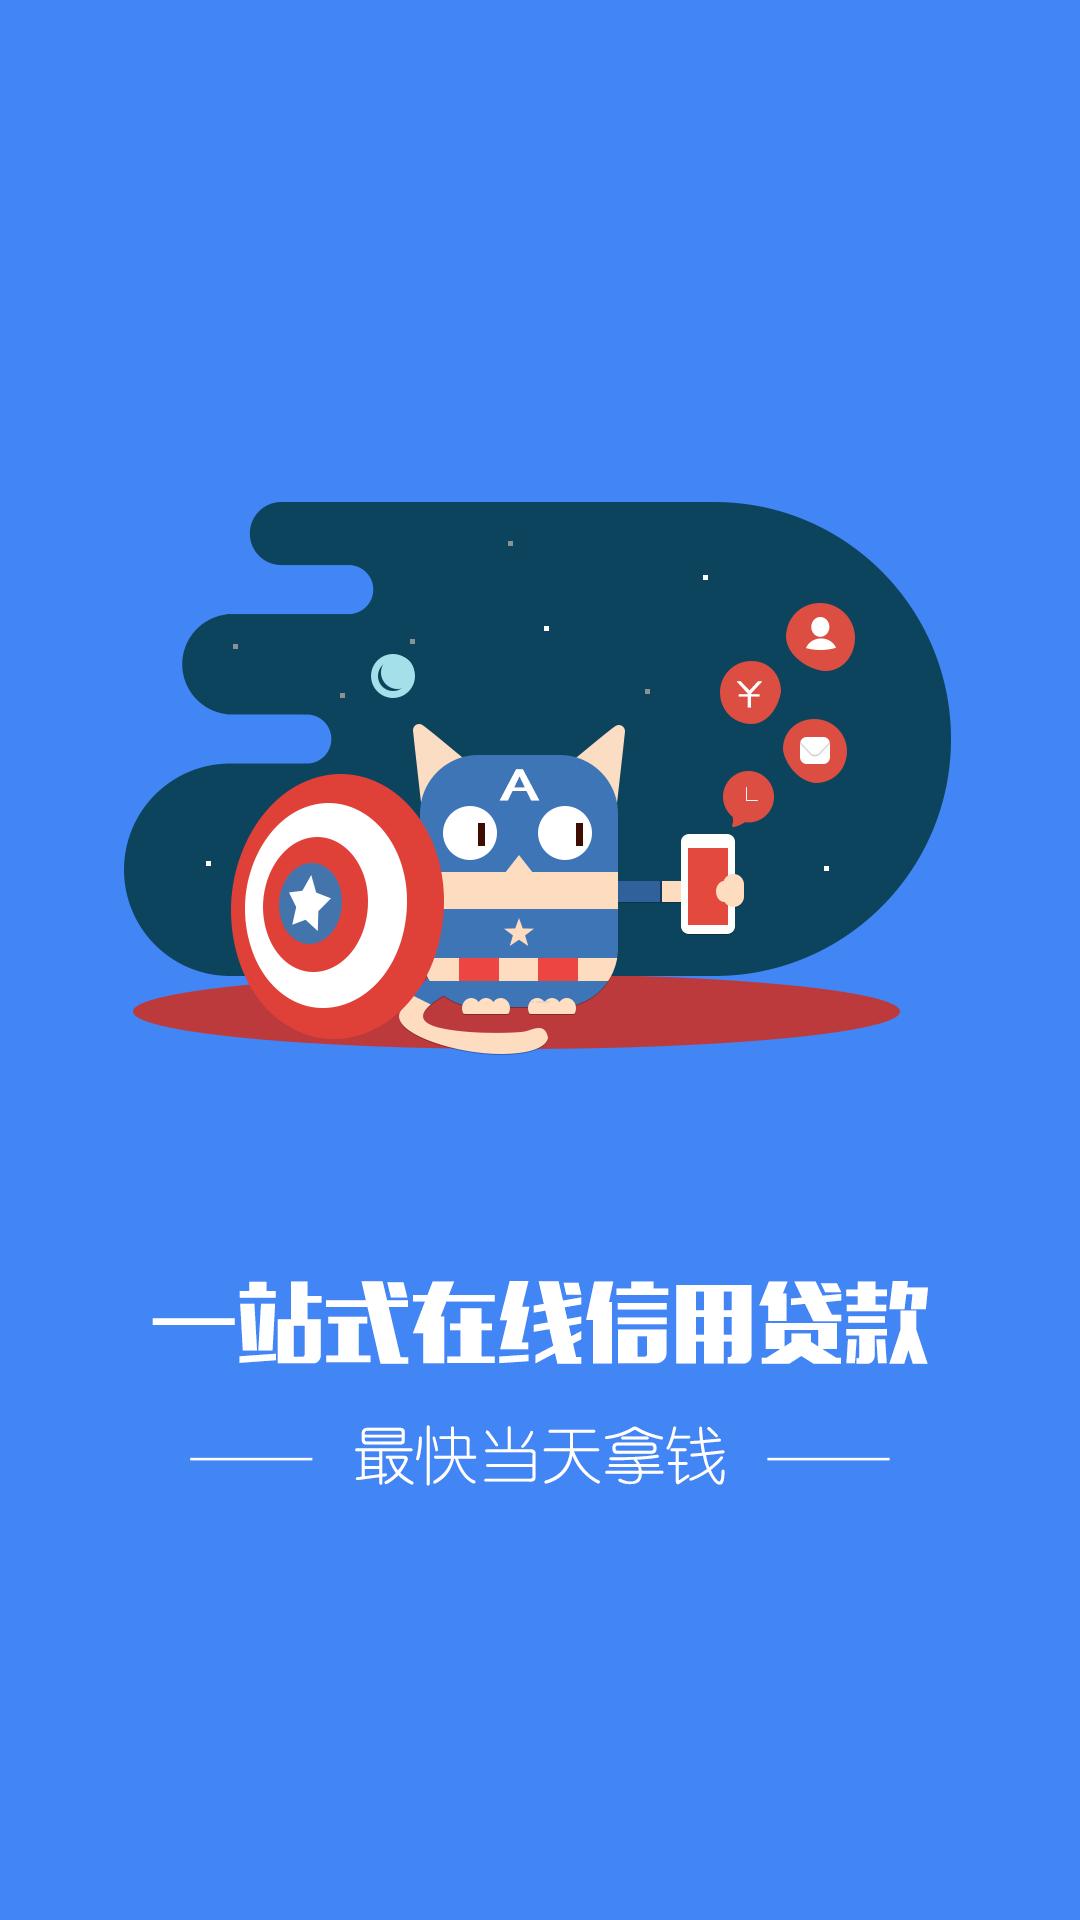 人人借钱网3.2版本app下载手机版图1: